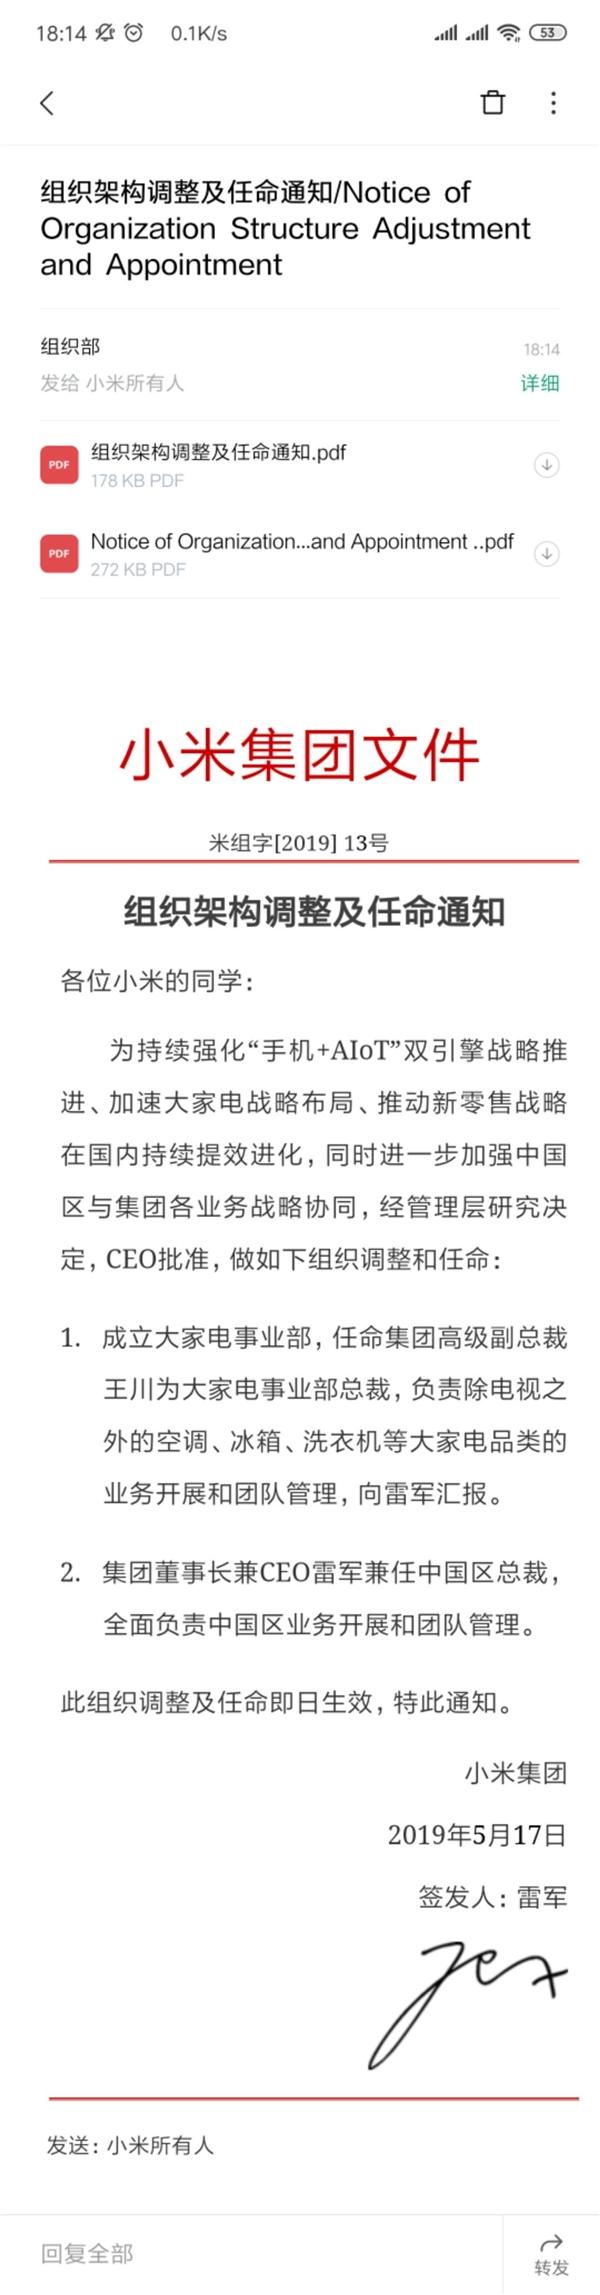 小米宣布架构调整:雷军兼任中国区总裁 王川组建大家电部